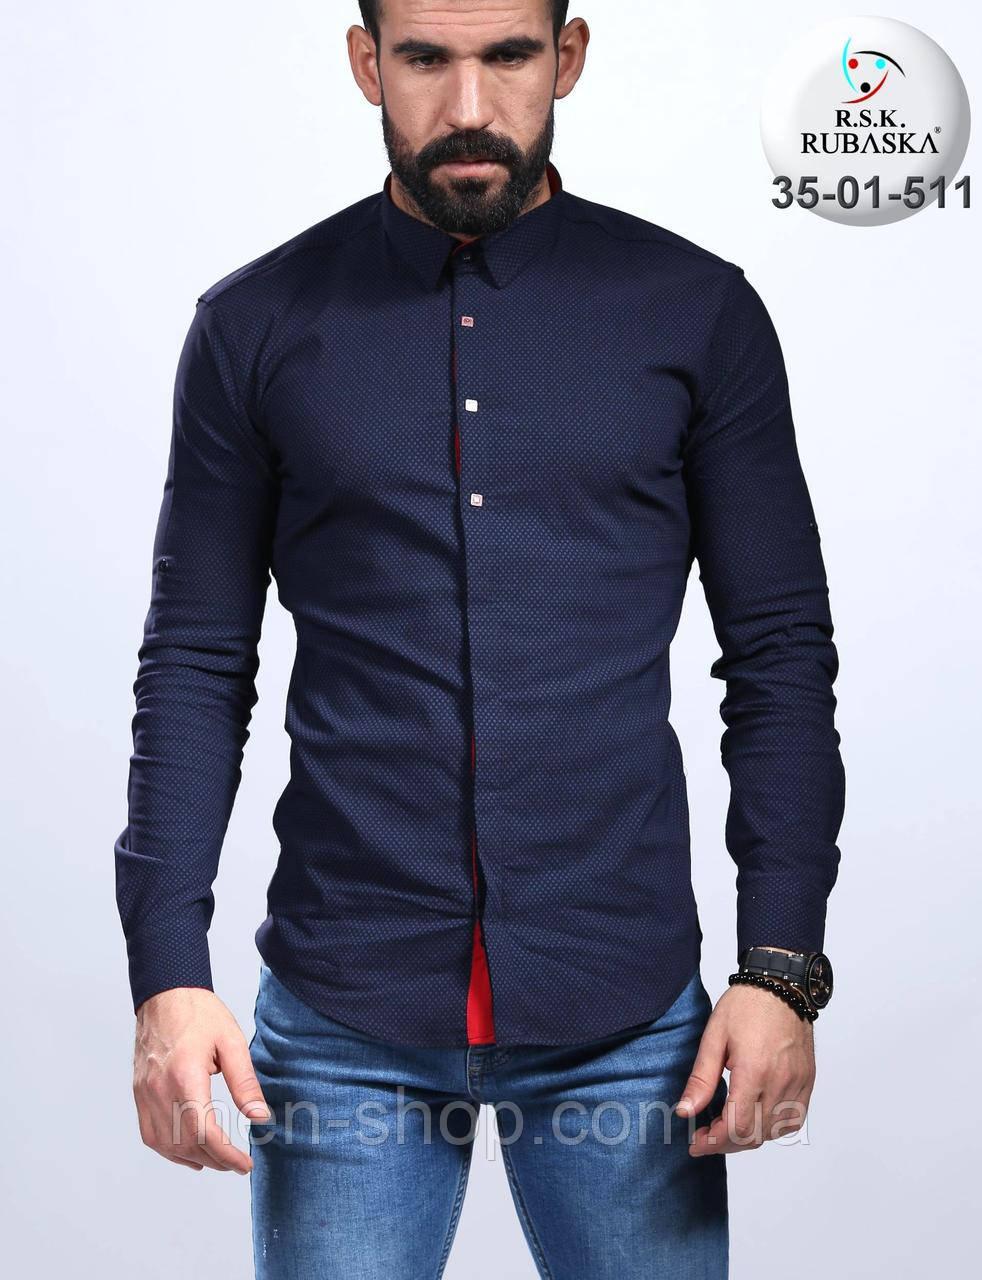 2f4a76e7143 Темно-синяя мужская рубашка с красными манжетами  продажа